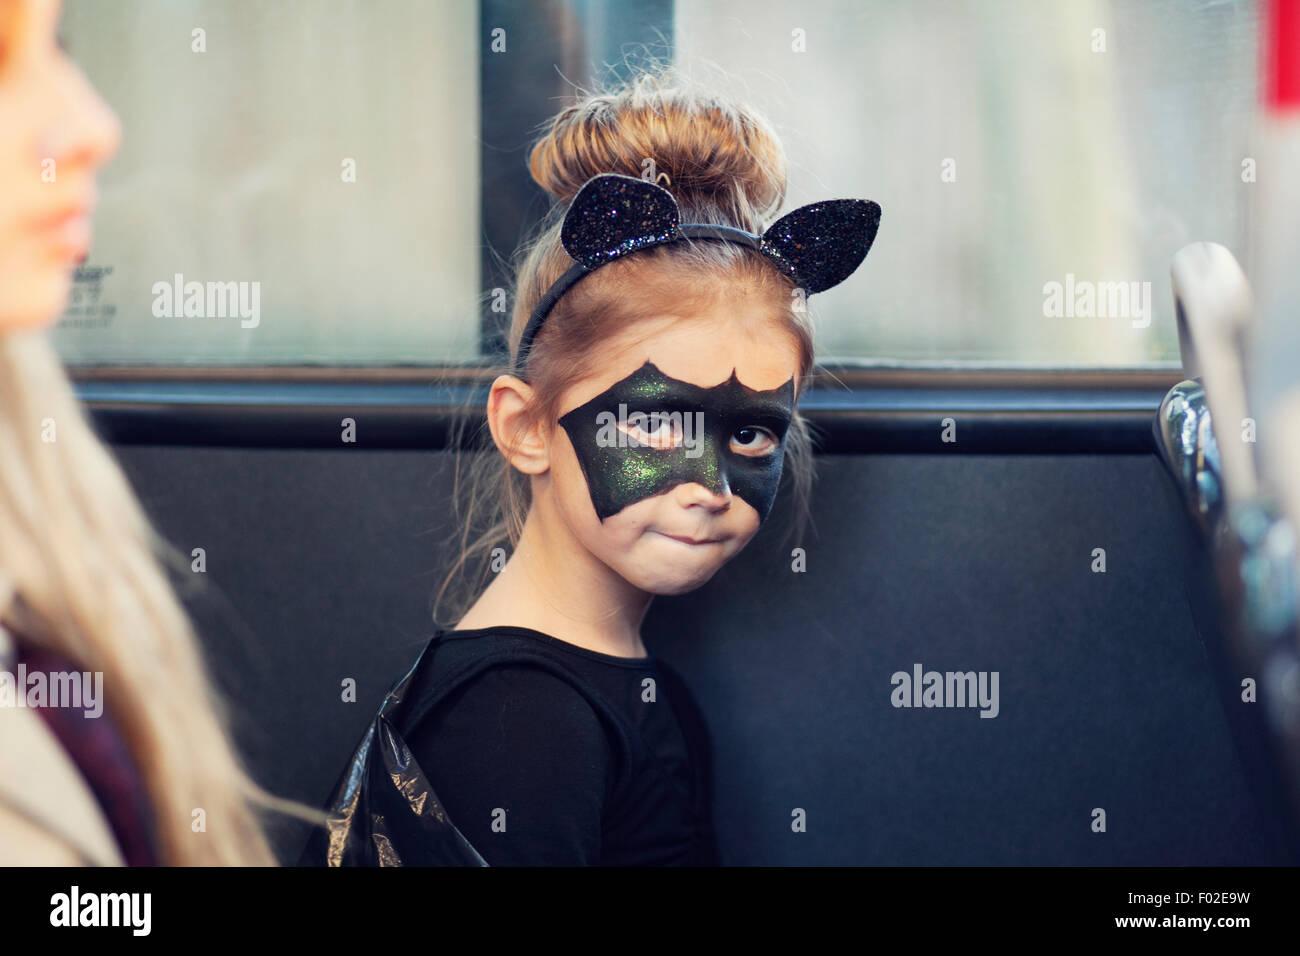 Jeune fille dans un costume de chauve-souris pour Halloween Photo Stock